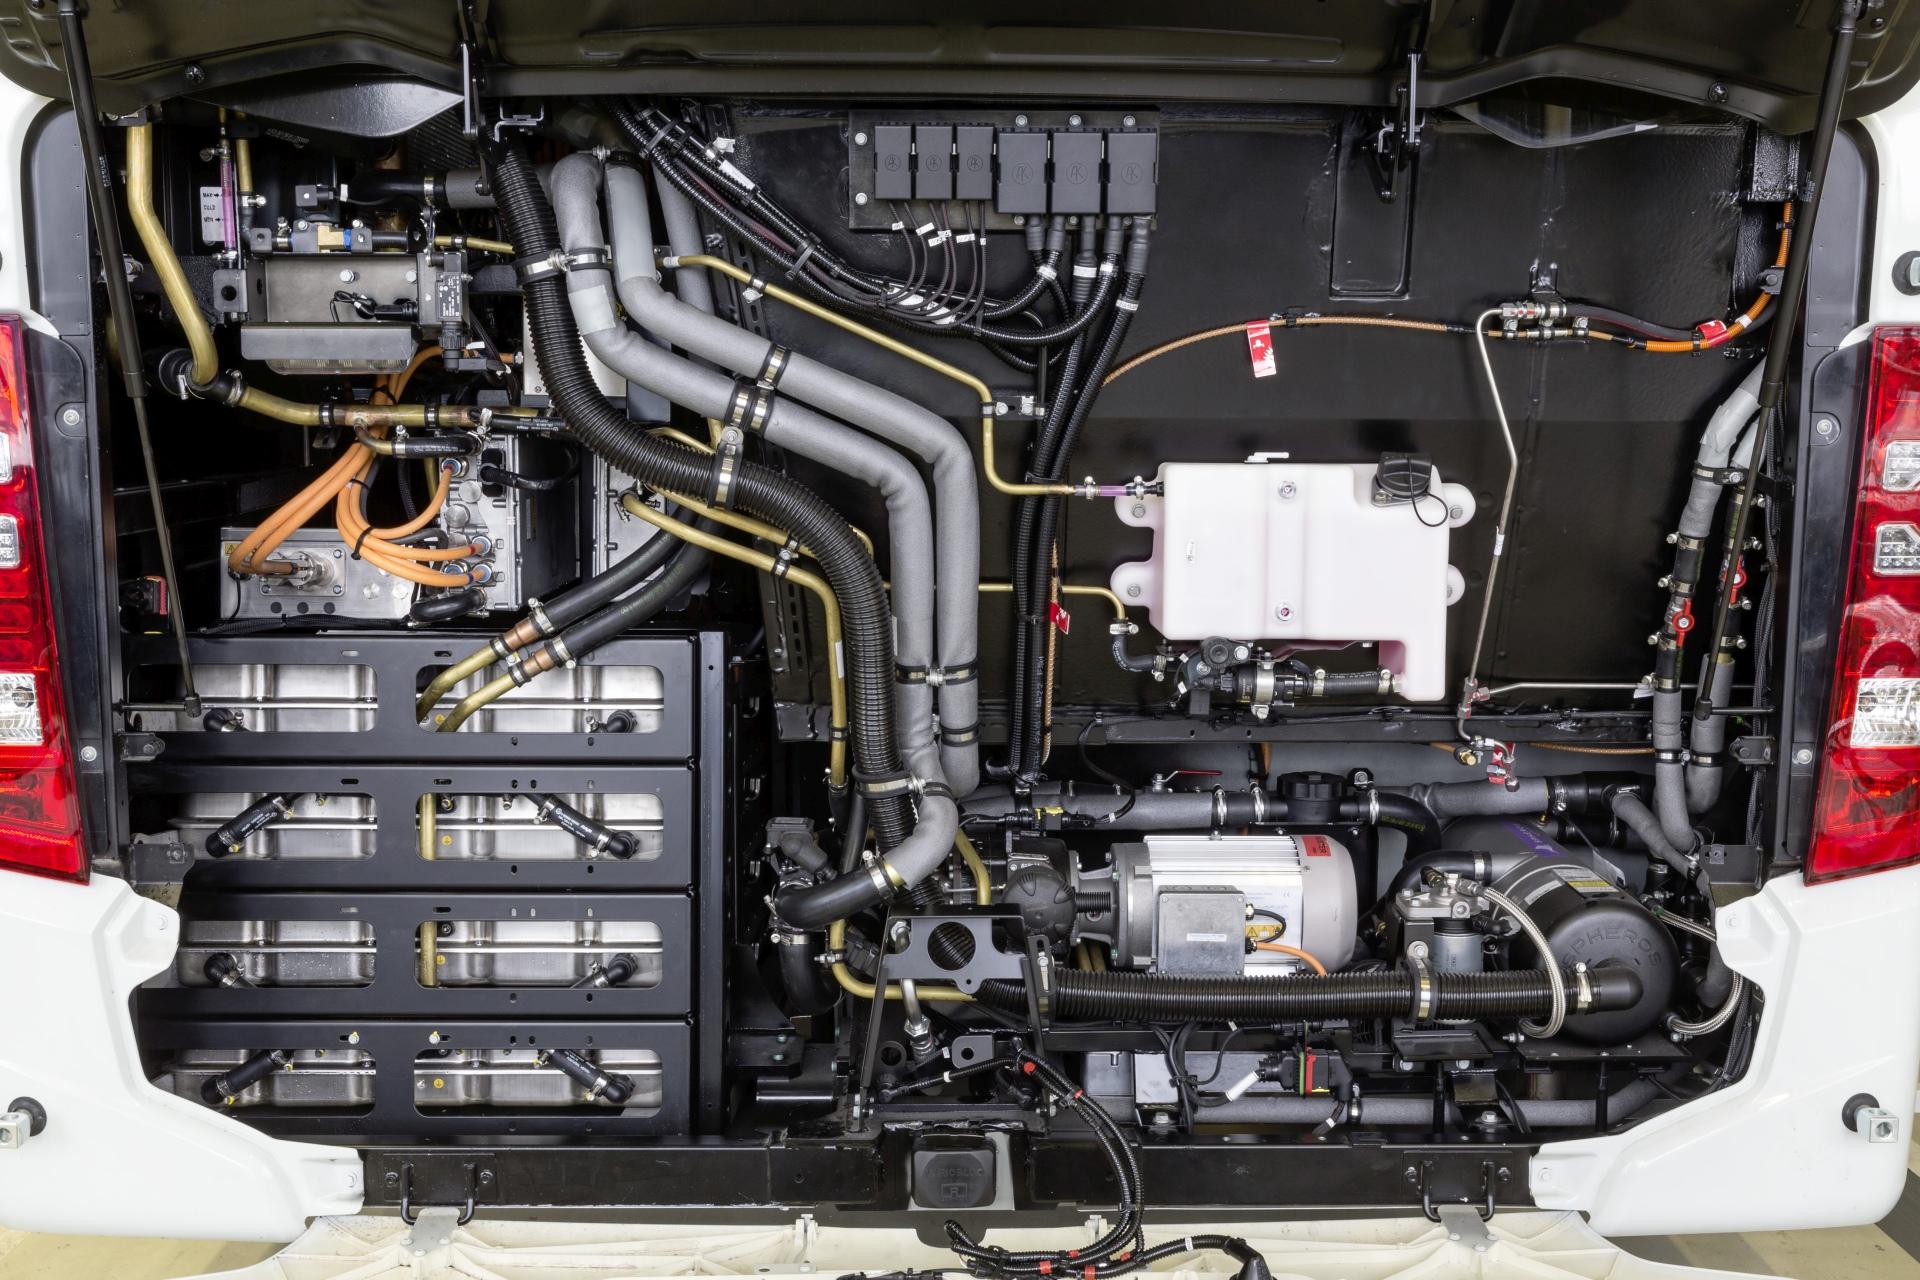 A motortér. A jobb oldalon jól látszik az elektromos légsűrítő szürke villanymotorja és mellette jobbra a kisegítő fűtés. A belőle kiinduló és a tető felé tartó fekete cső a füstgáz elvezetés, tehát részben gázolajos. (Kép: Daimler)